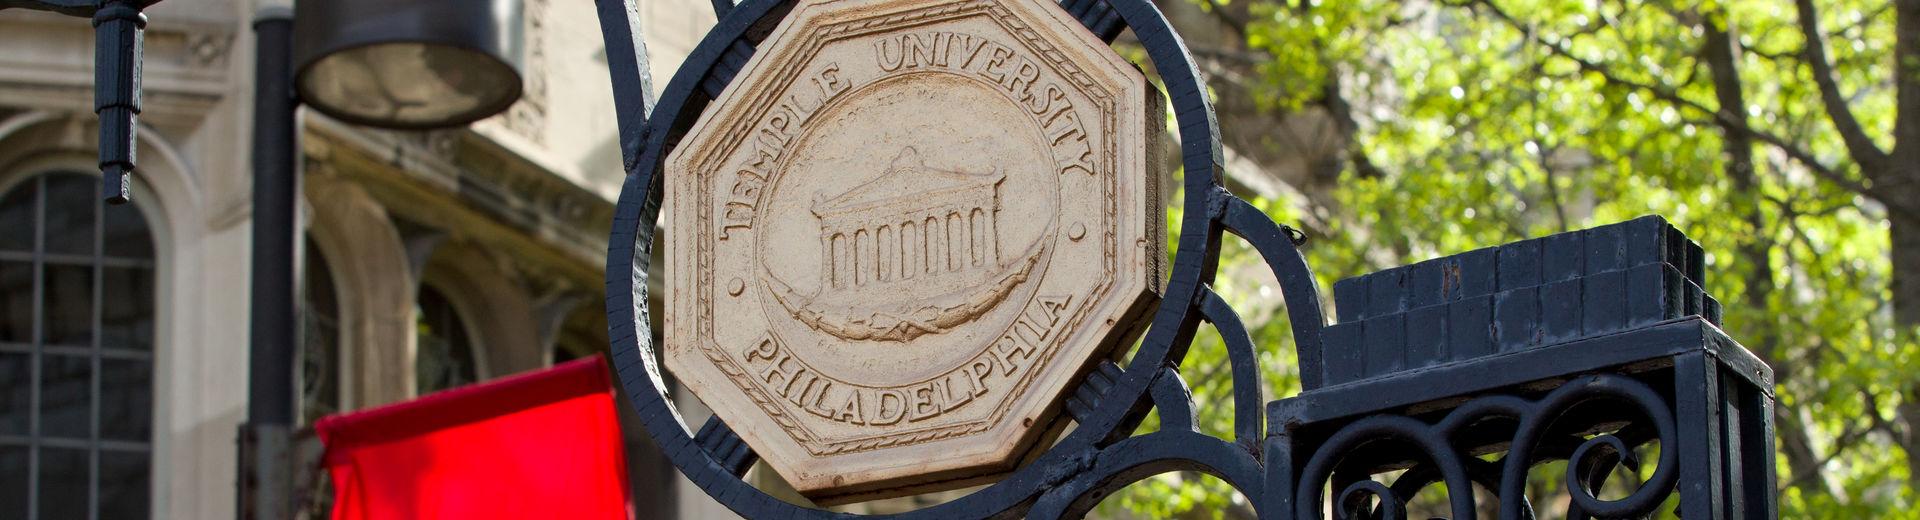 Temple University Main Campus